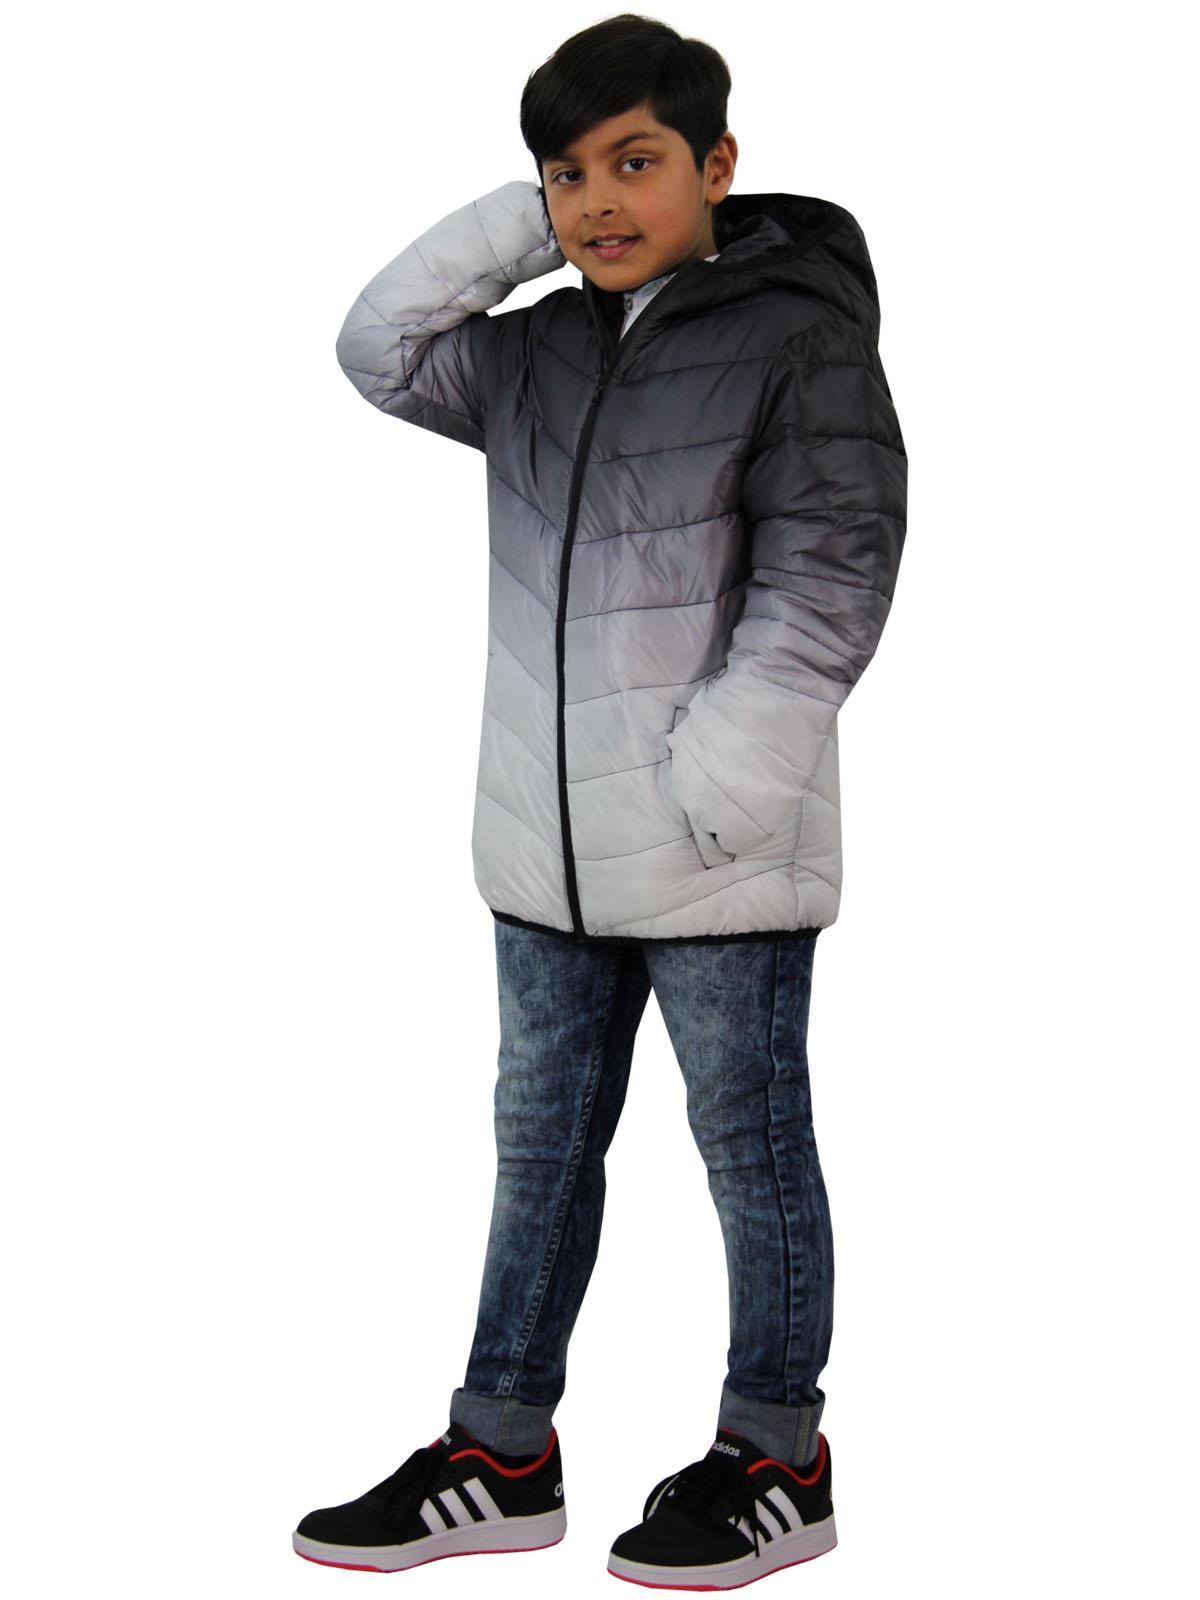 Enfants Garçons Veste à Capuche Noir 3D deux tons Faded Noël Cadeau Festif chaud manteau